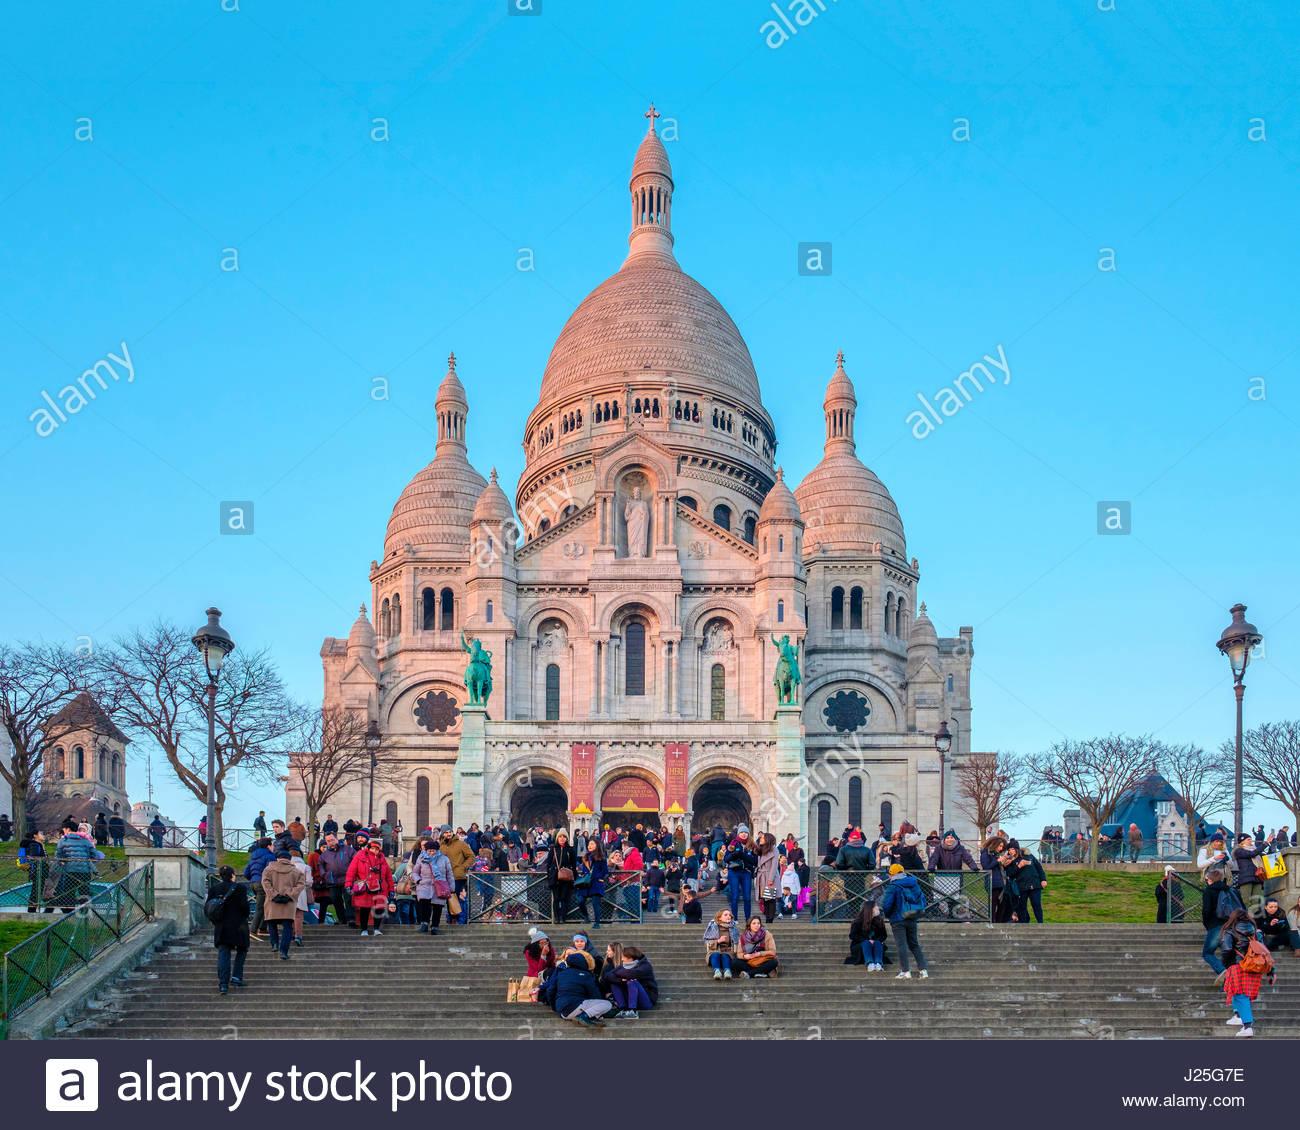 France, Île-de-France, Paris. Basilica of Sacre Coeur at sunset, Montmartre. - Stock Image